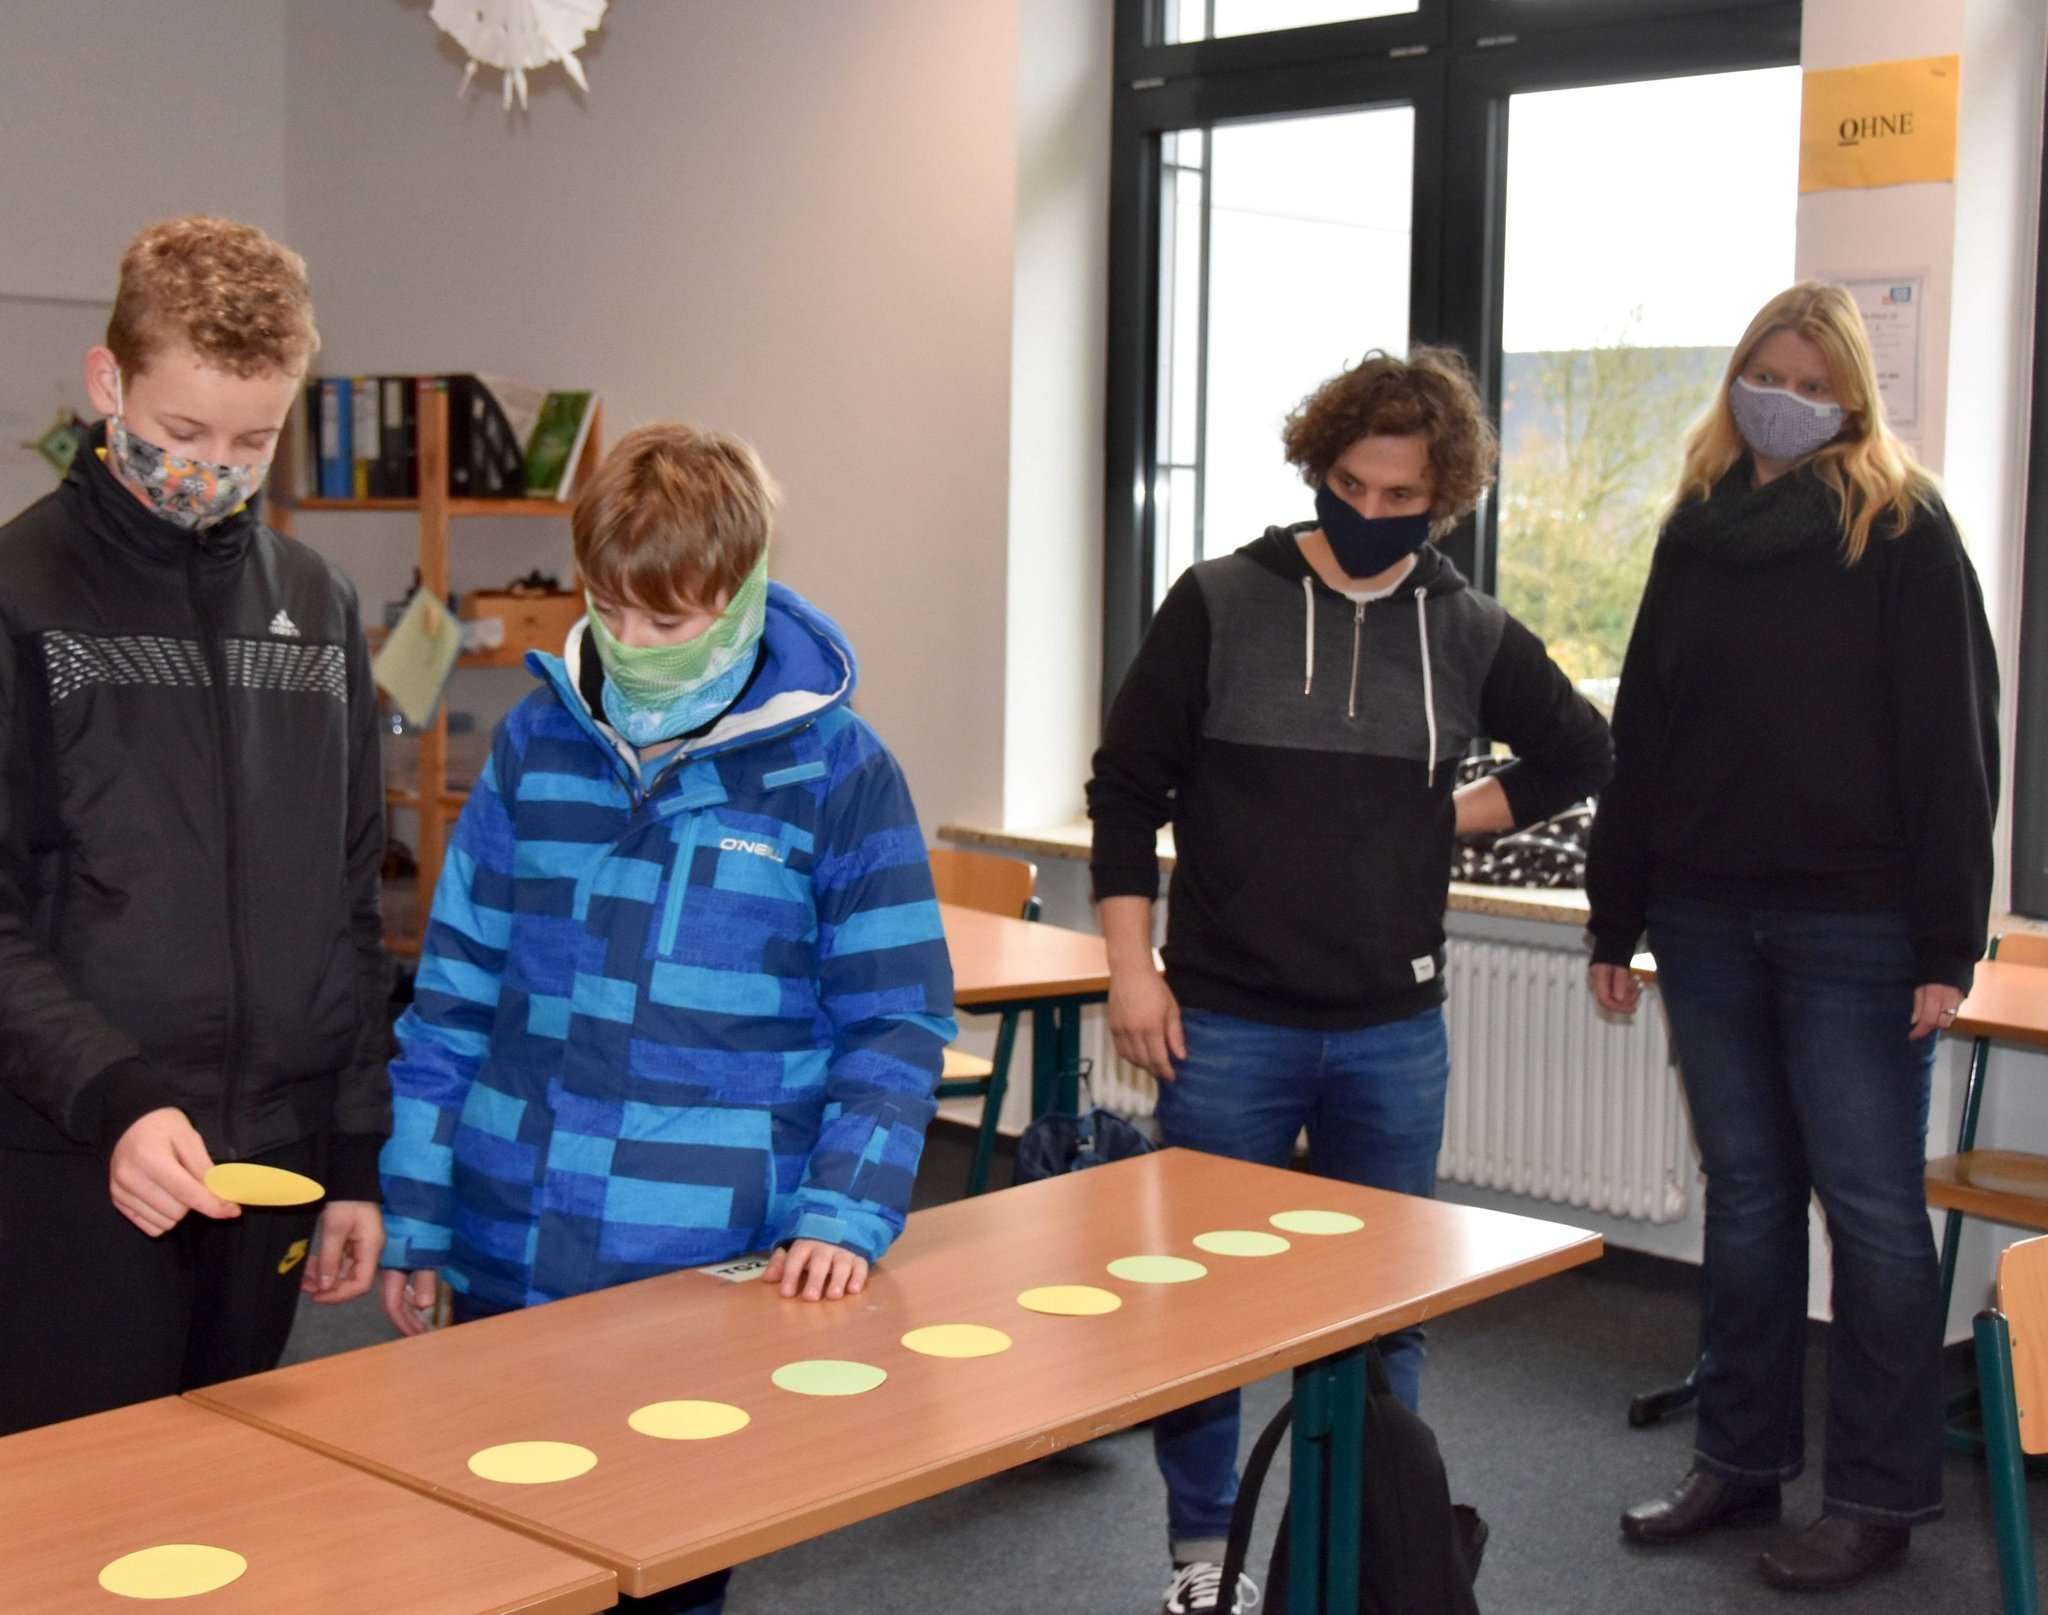 Aufgaben gemeinsam lösen, das üben die beiden Jugendlichen gemeinsam mit Helge Kraus (zweiter von rechts). Sandra Röger bereitet als Schulsozialarbeiterin den Trainingstag gemeinsam mit den Lehrern vor.